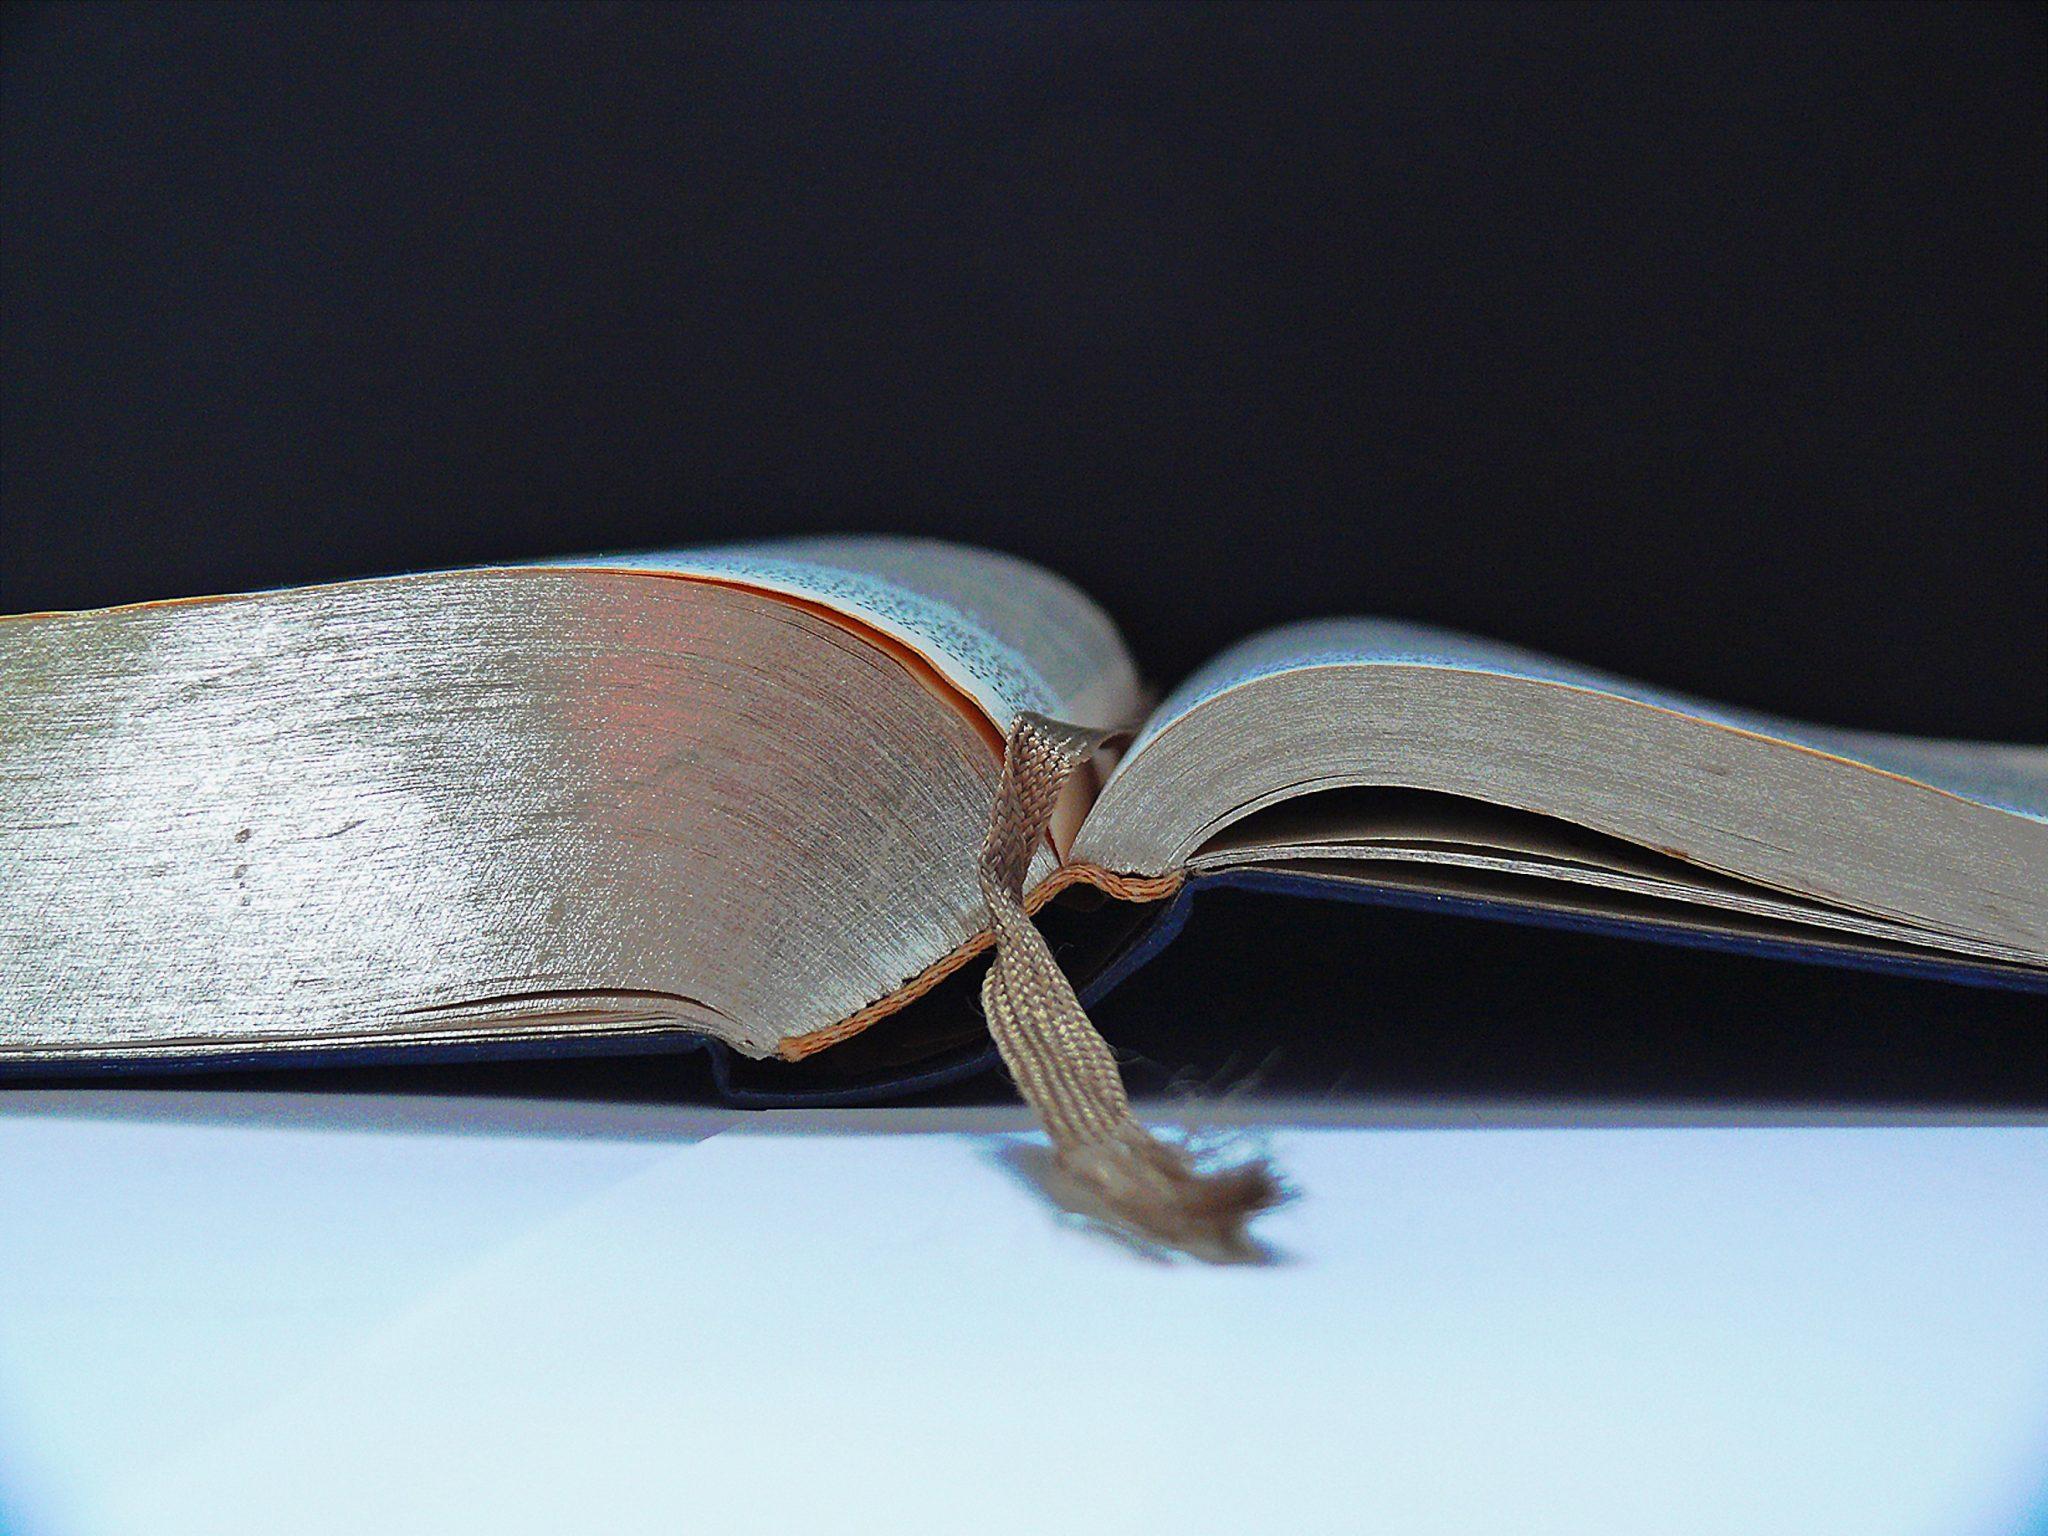 Mynd af opinni Biblíu